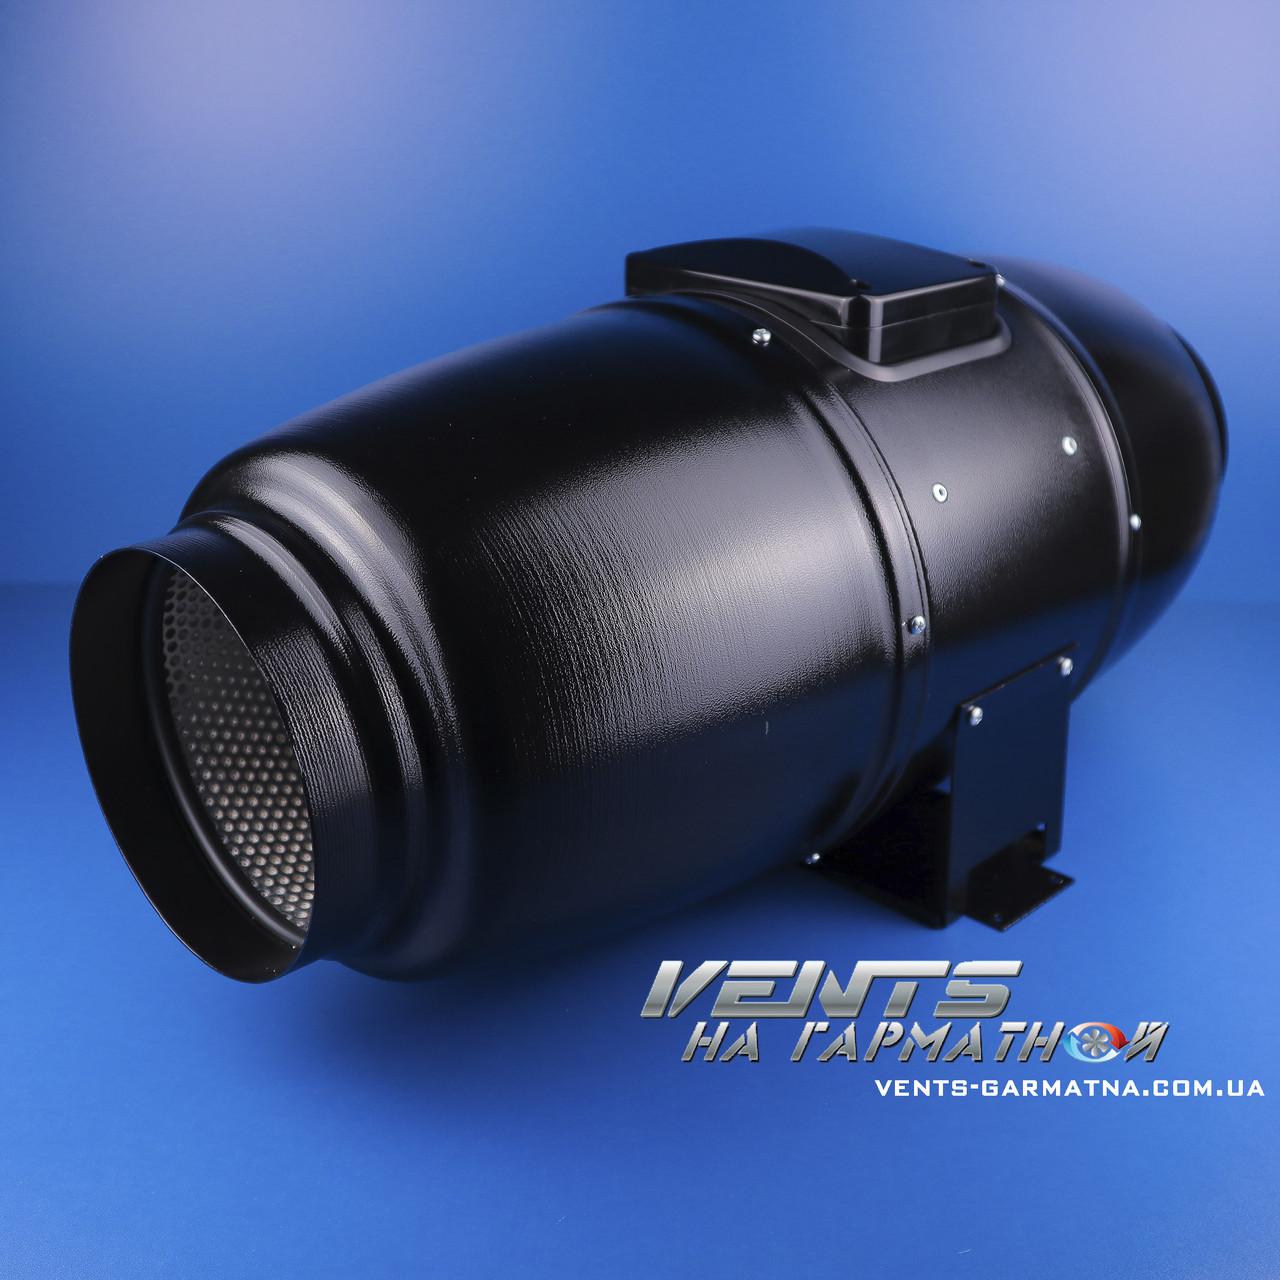 Вентс ТТ Сайлент-М 250 Вентилятор в шумоизолированном корпусе